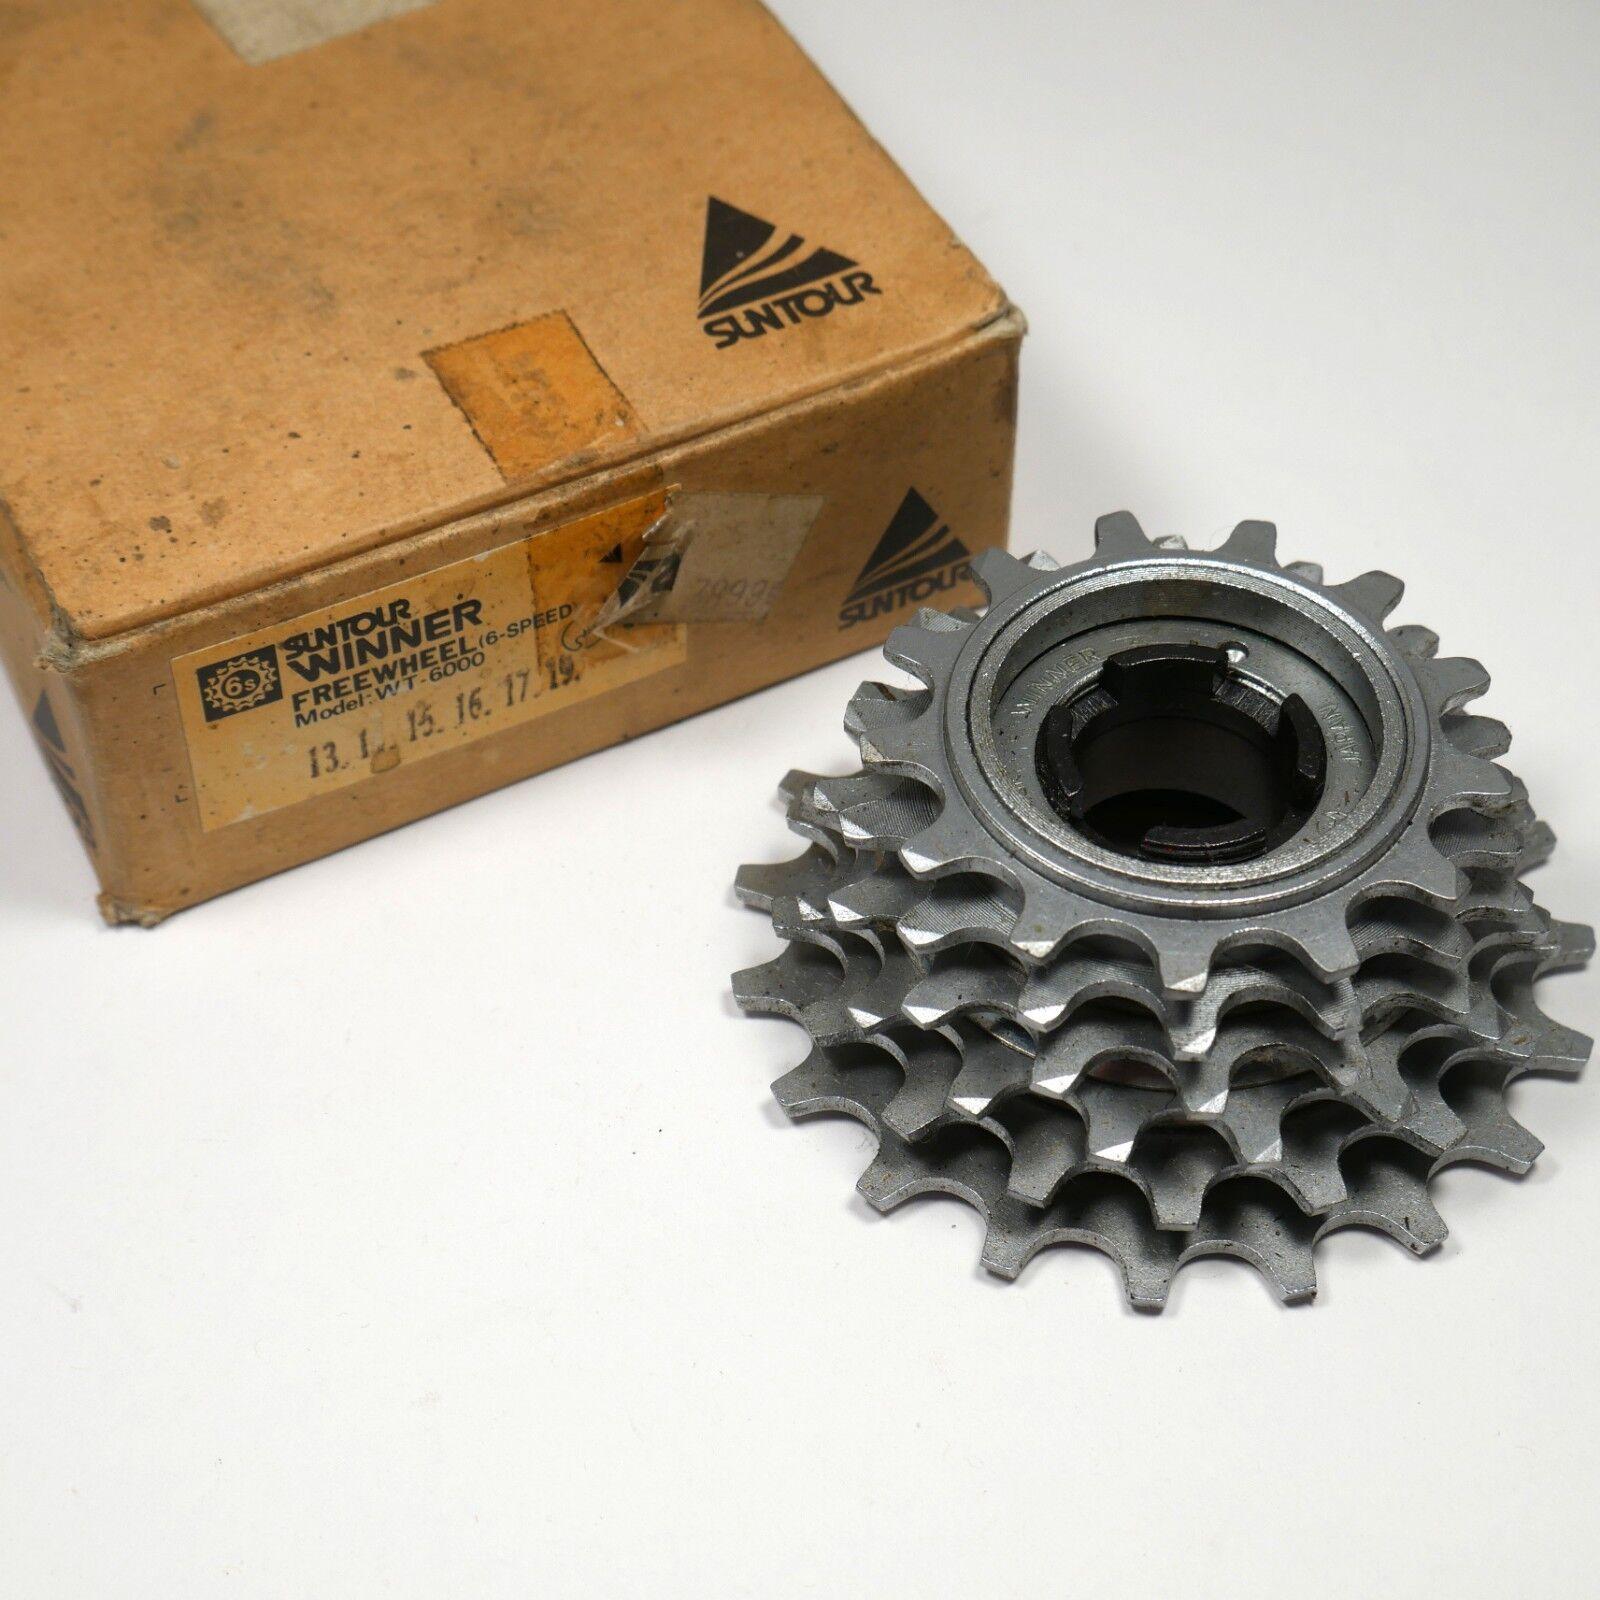 NOS in Box Suntour Winner WT-6000 Standard 6 Speed Freewheel, 13-19T 1988.